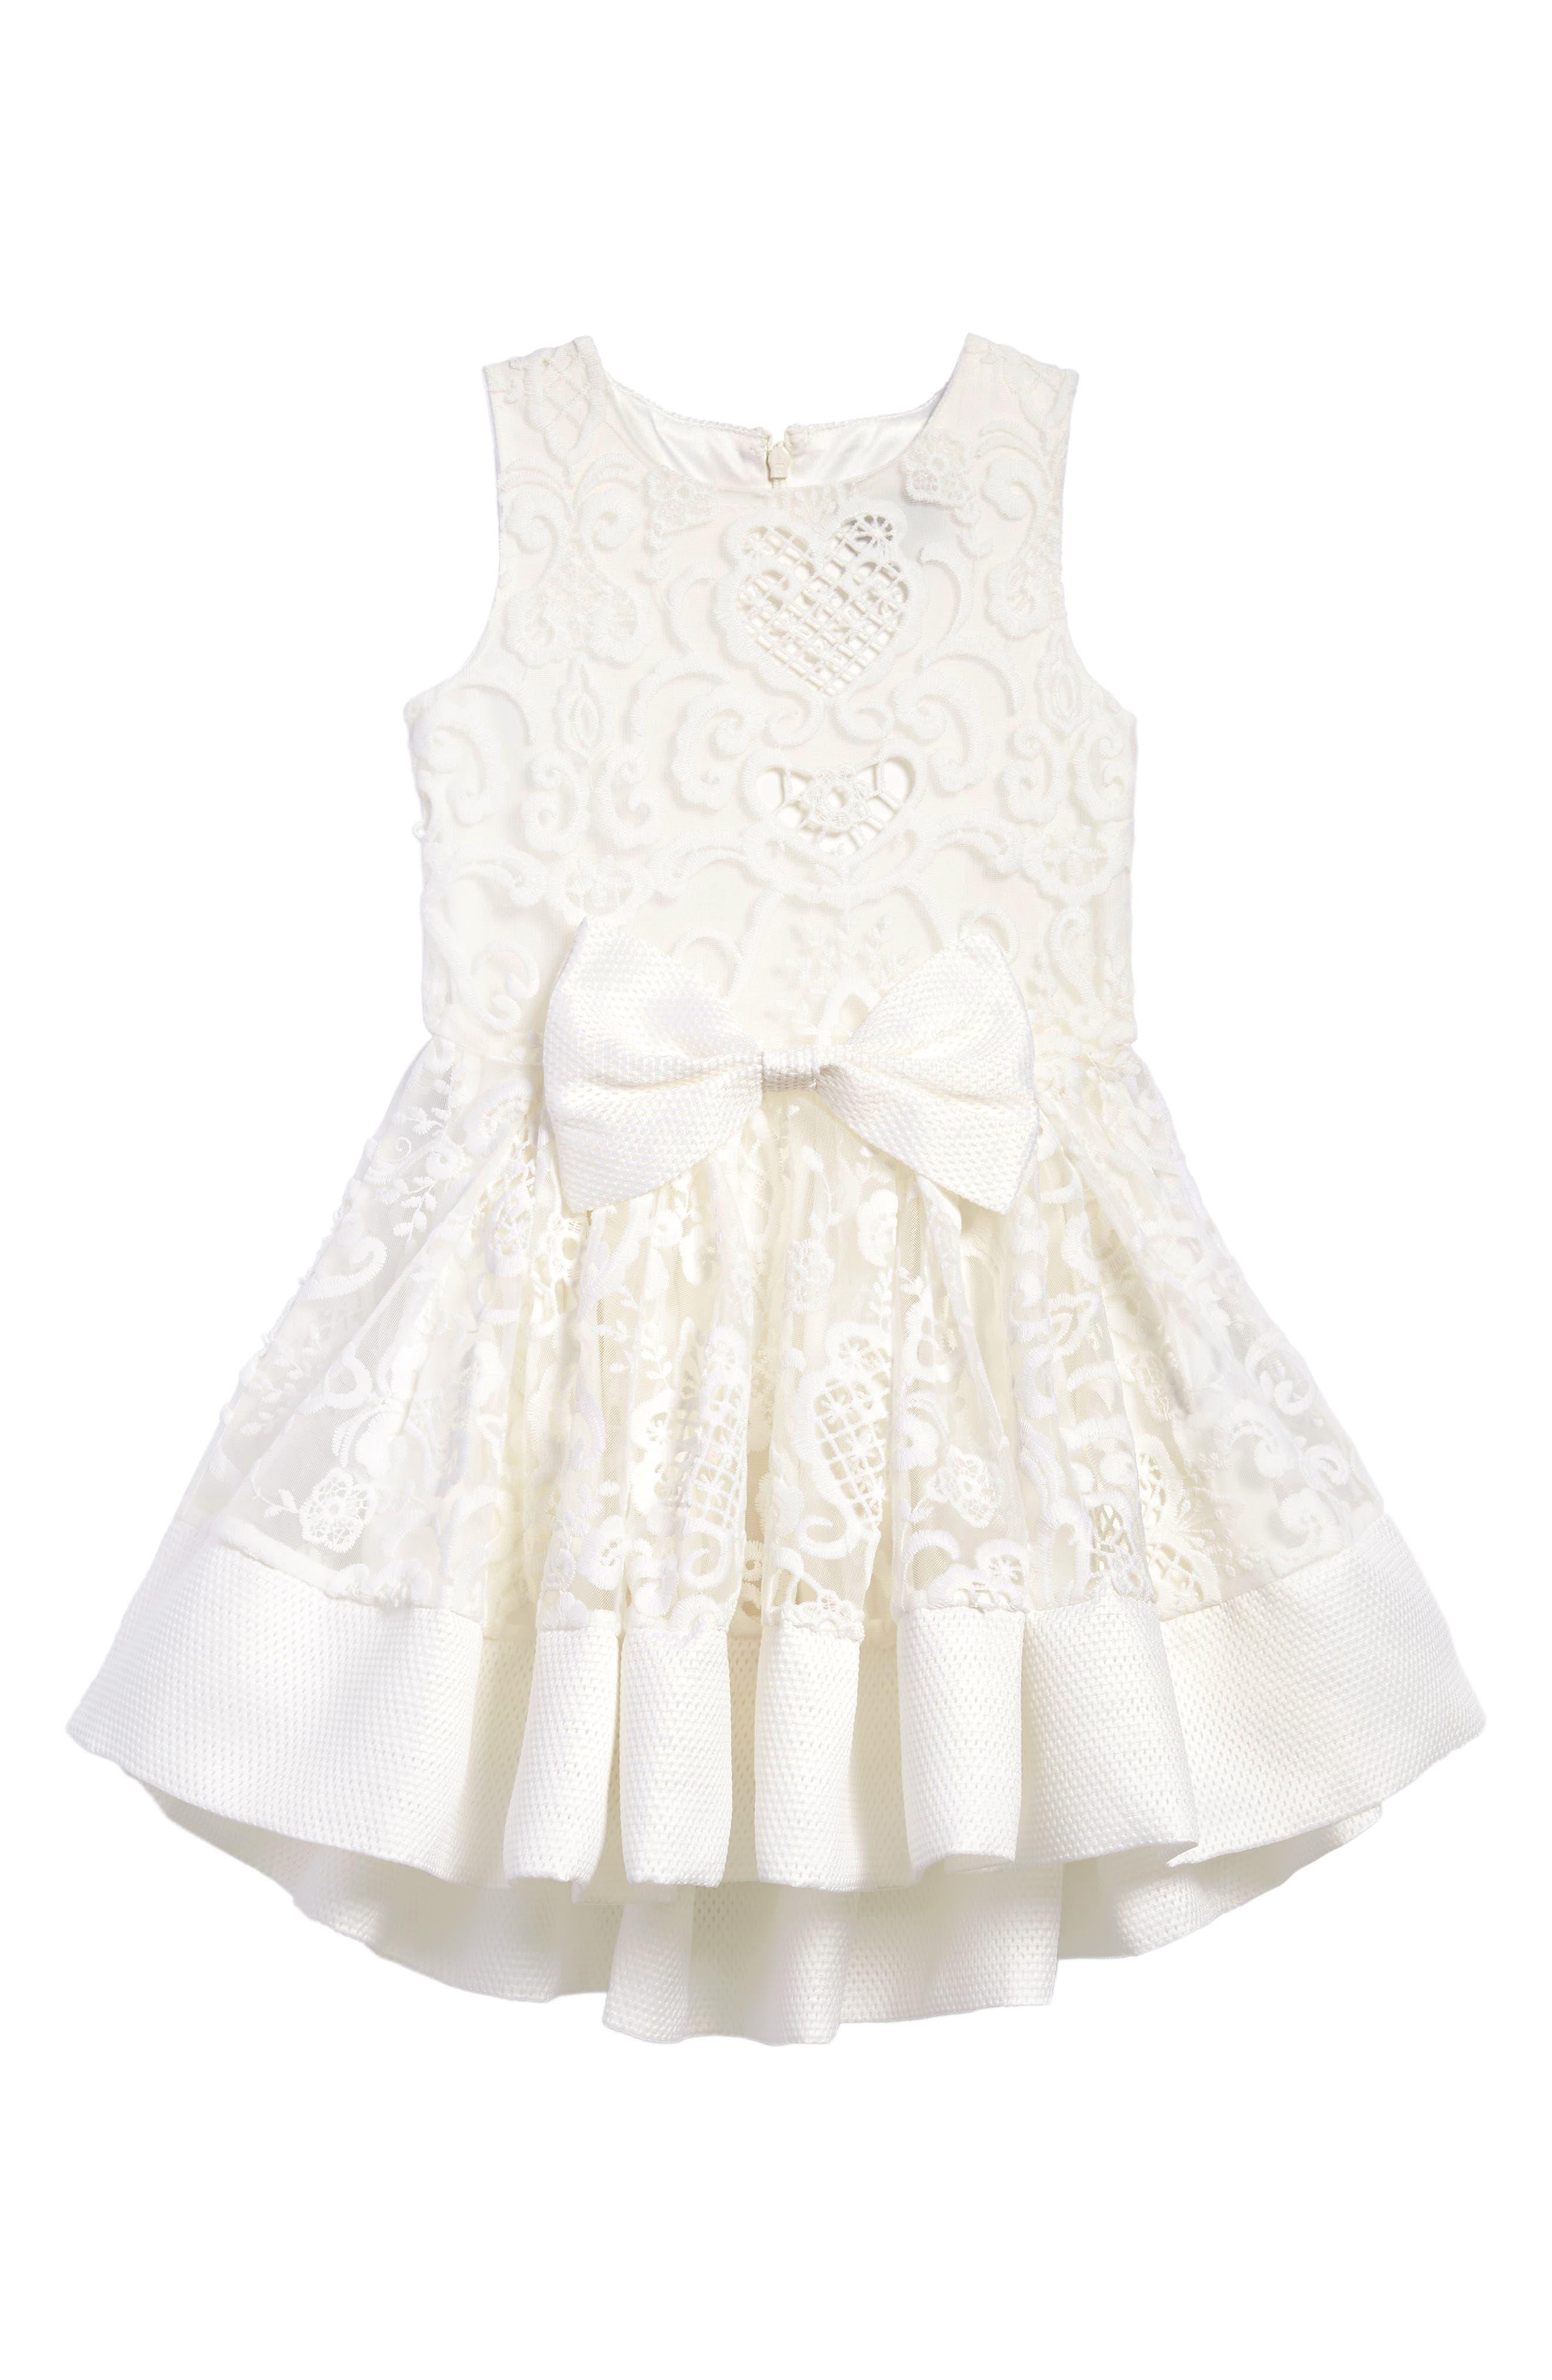 Ava Starlet Dress,                             Main thumbnail 1, color,                             907